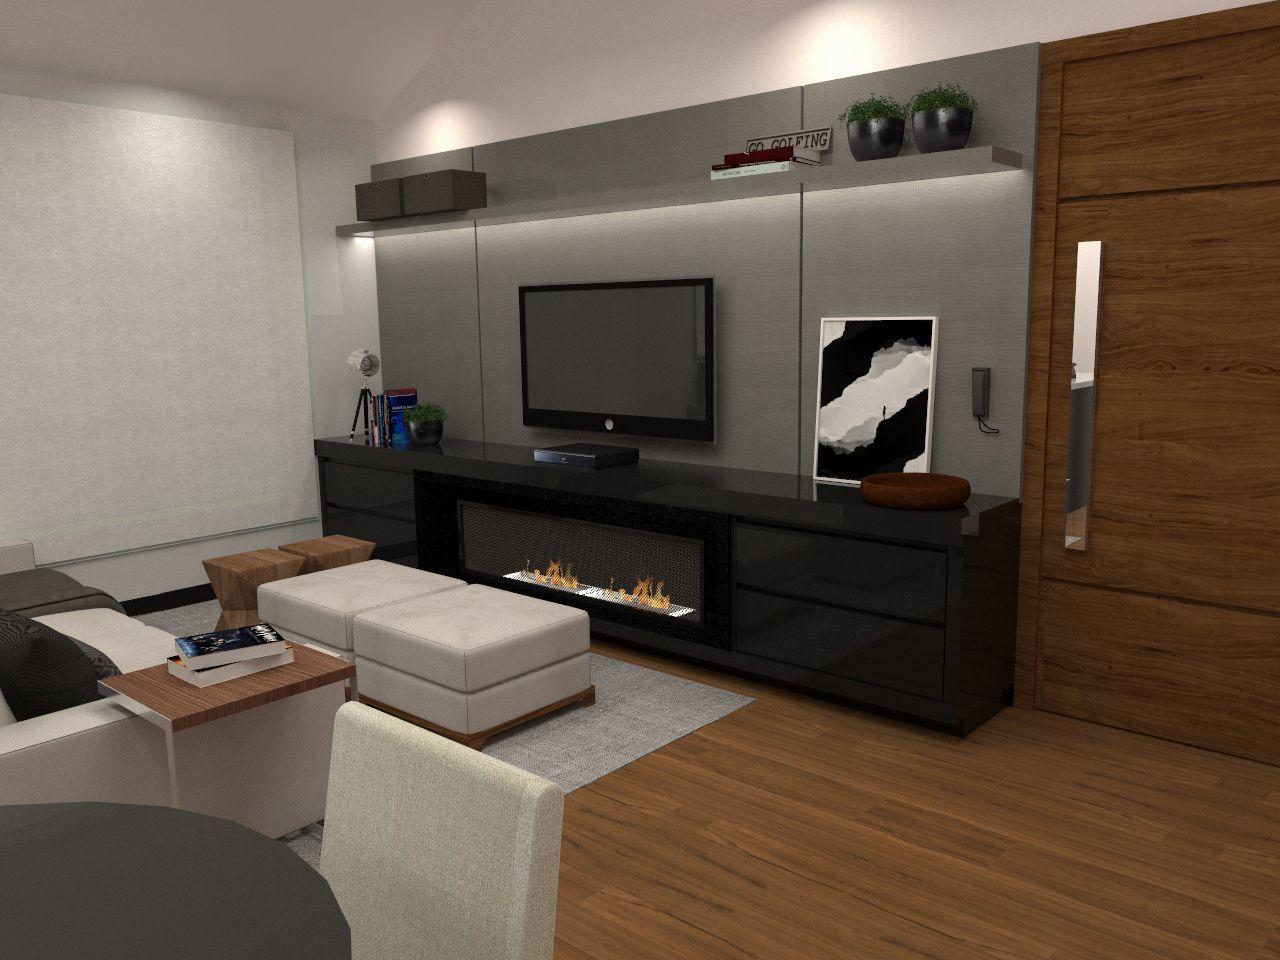 Mobili Rampazzo ~ Vista painel tv sala de estar integrada com cozinha e jantar